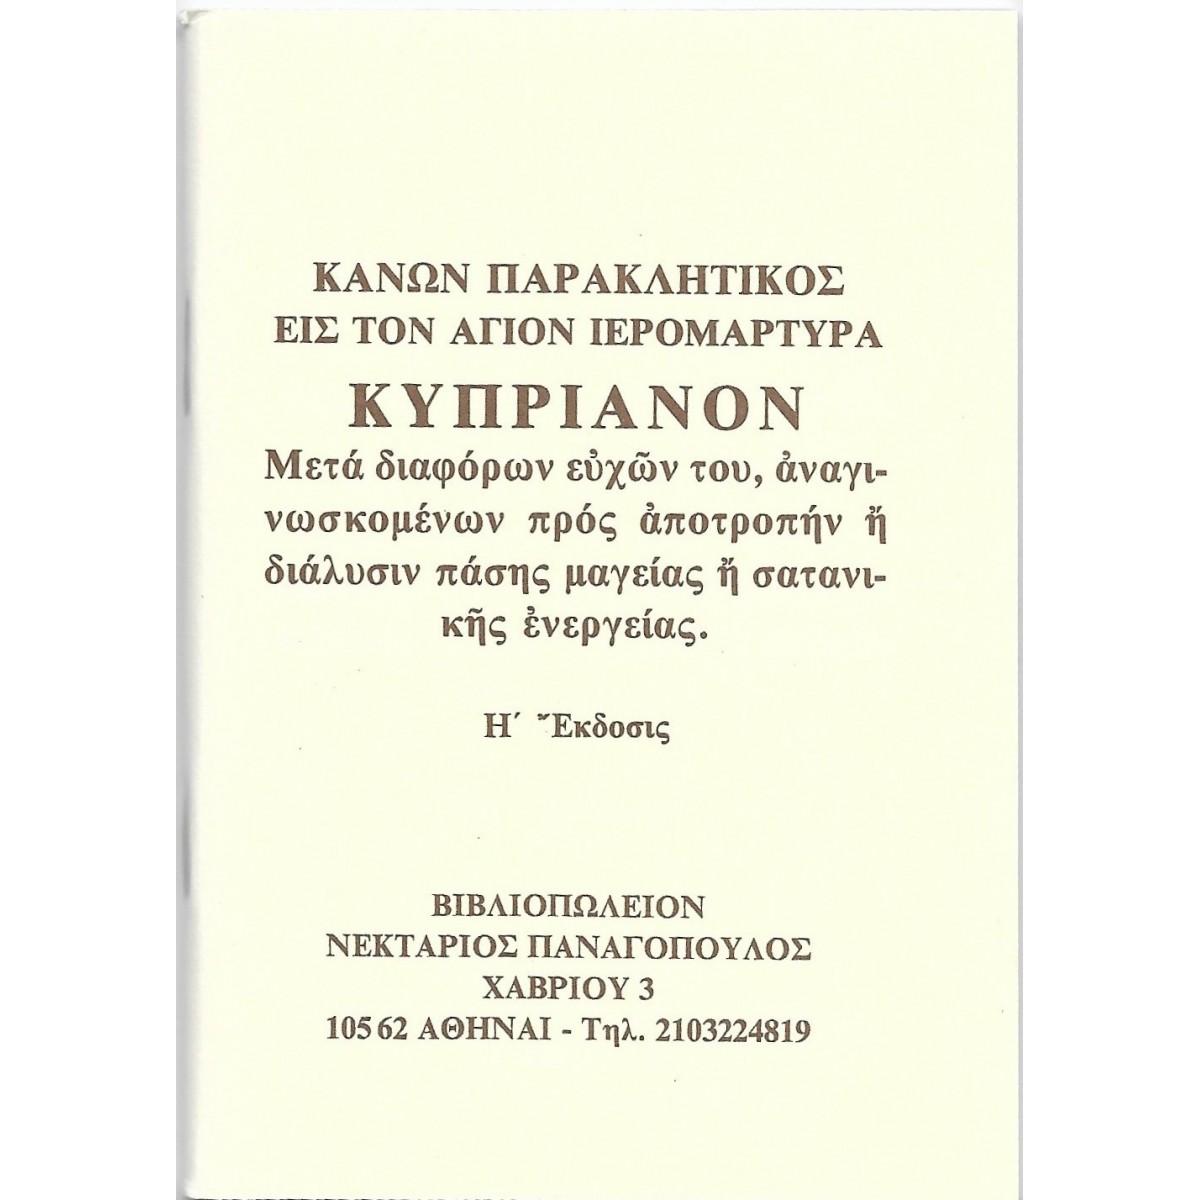 Κανών Παρακλητικός εις τον Άγ. Ιερομάρτυρα Κυπριανόν μετά Διαφόρων Ευχών